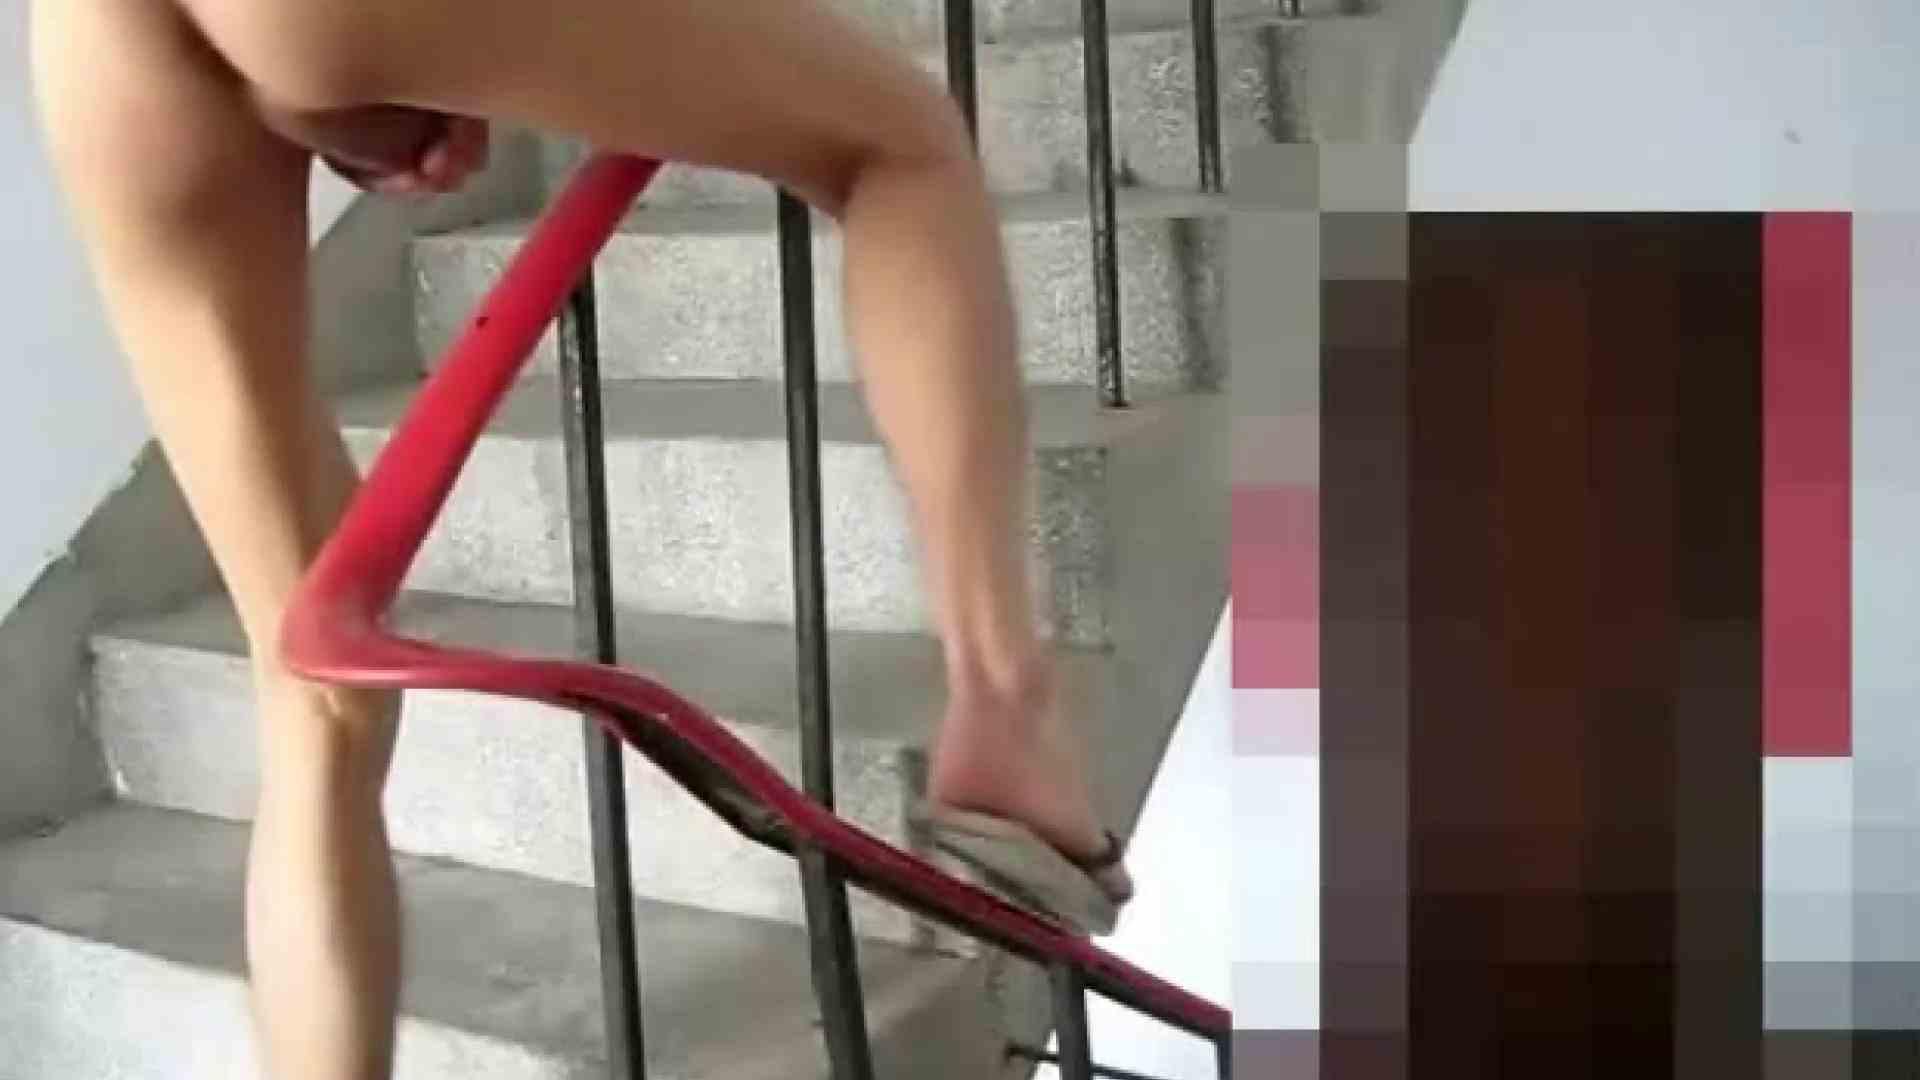 階段オナニー オナニー | モザイク無し アダルトビデオ画像キャプチャ 95pic 67